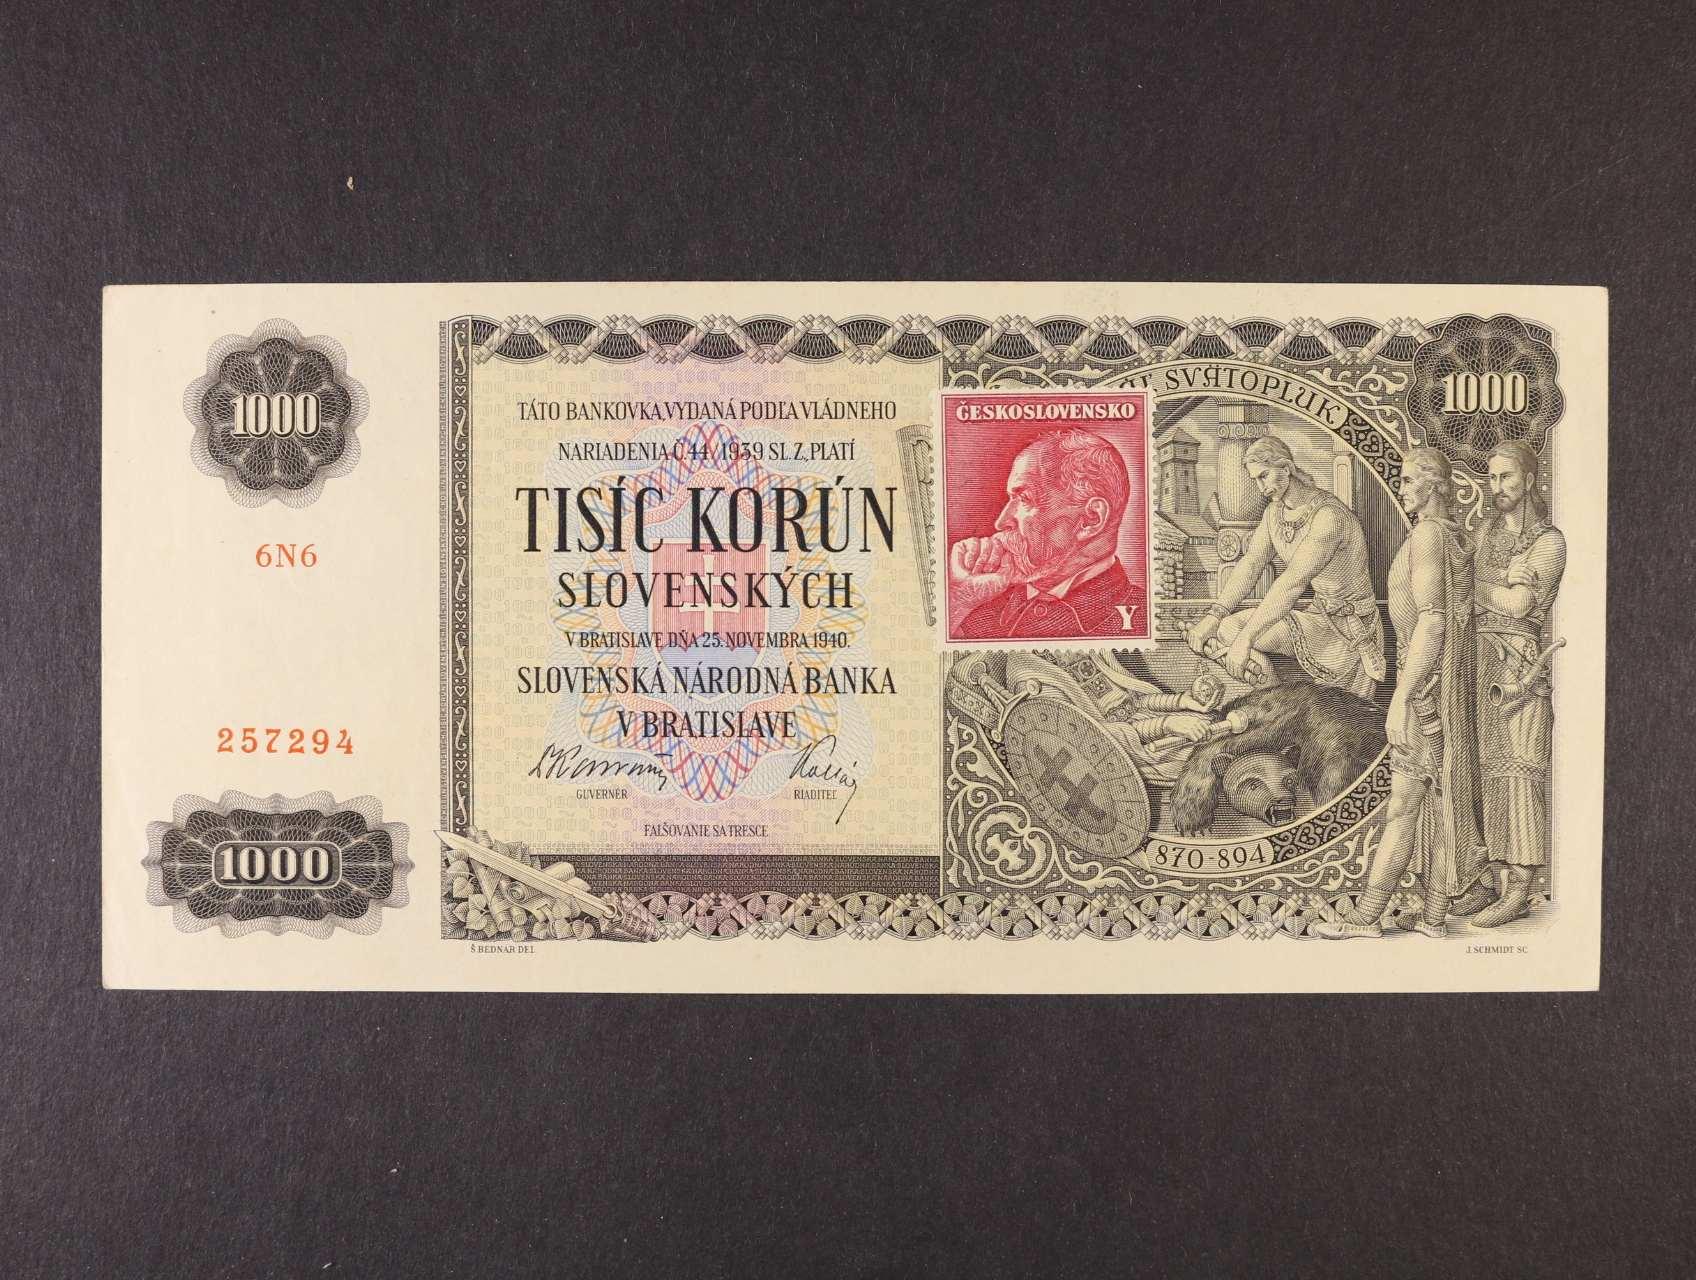 1000 Ks 25.11.1940 kolkovaná série 6N6, Ba. 65, Pi. 56a